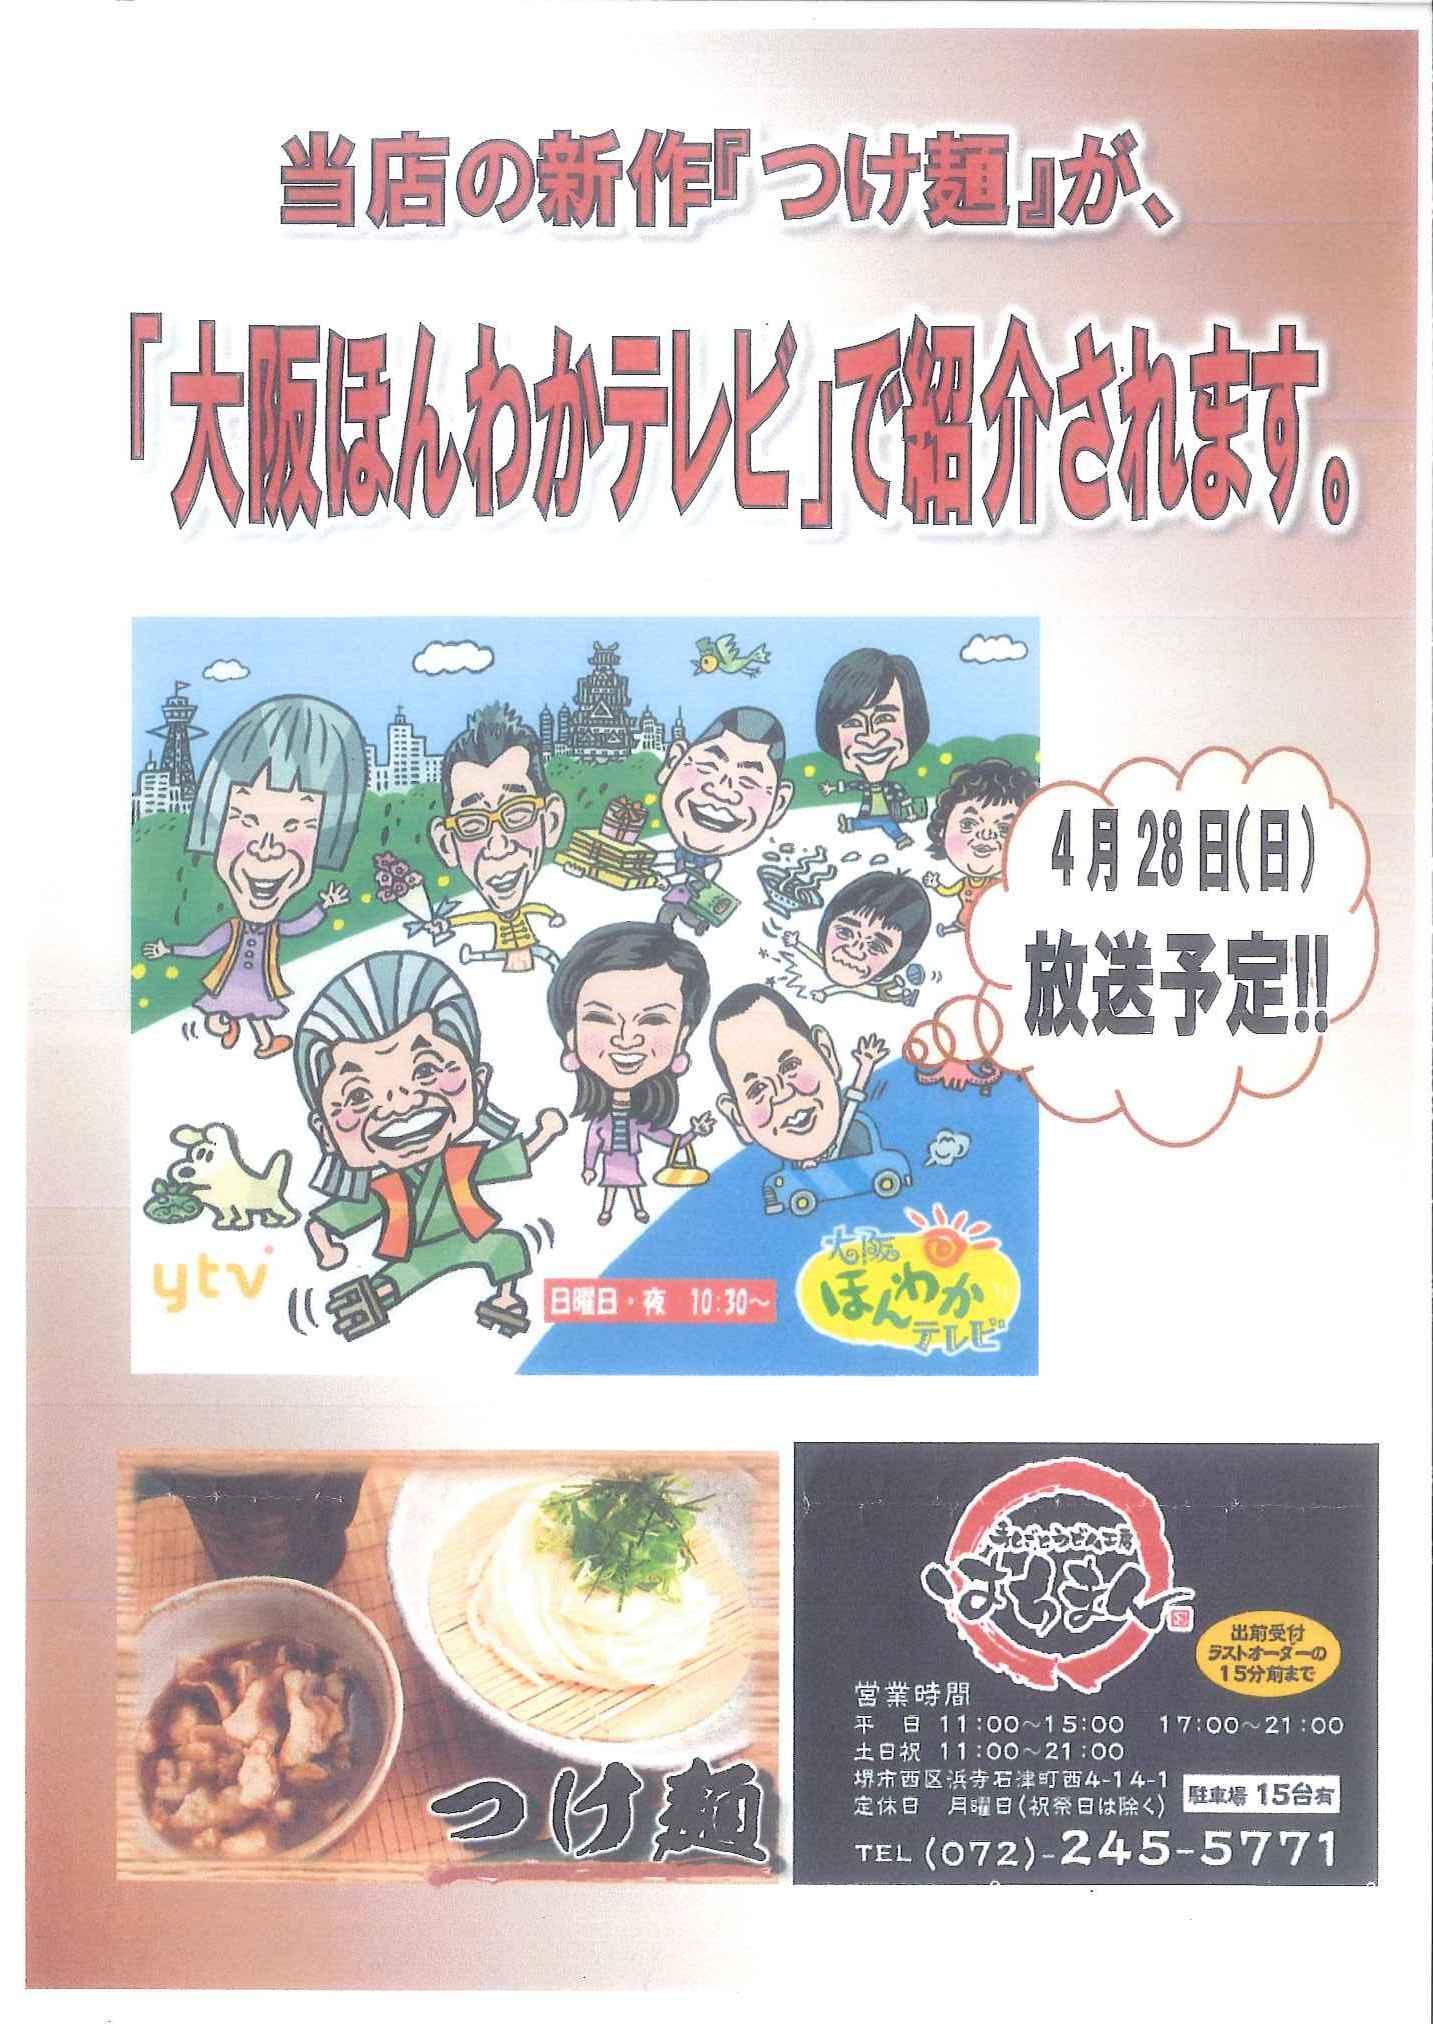 堺市石津町のうどん屋 「はちまん」さんが「大阪ほんわかテレビ」に登場!_a0242500_10585922.jpg